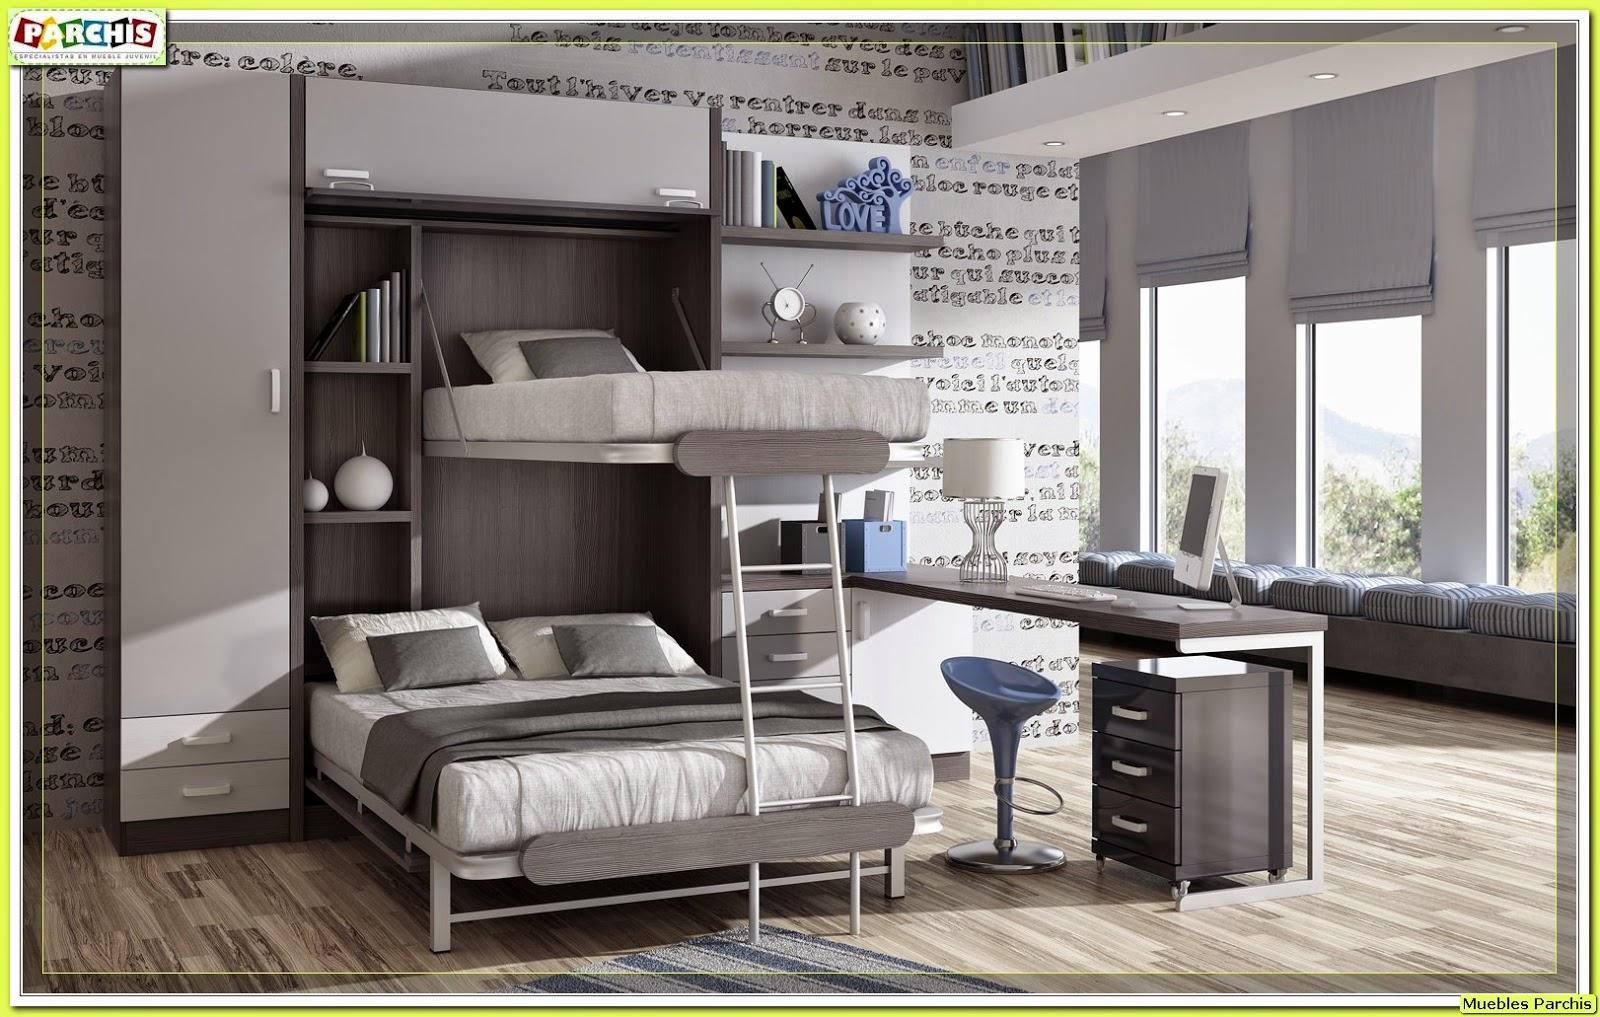 Fotos de muebles de dormitorios infantiles - Dormitorios juveniles granada baratos ...